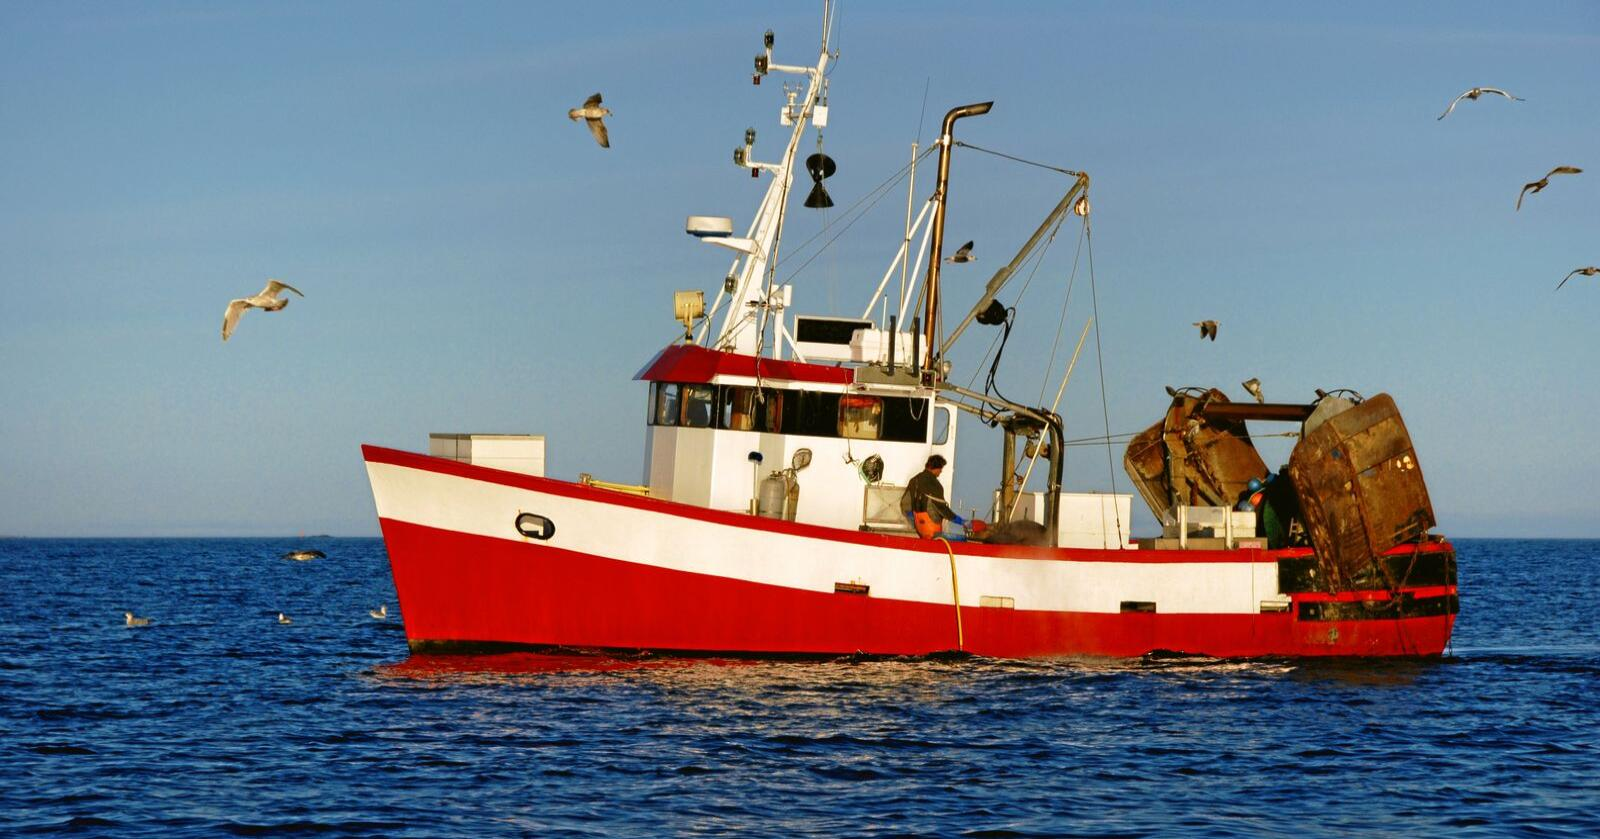 Nye avgifter: Fiskere må punge ut for 100 millioner i ny kontrollavgift. Foto: Mostphotos